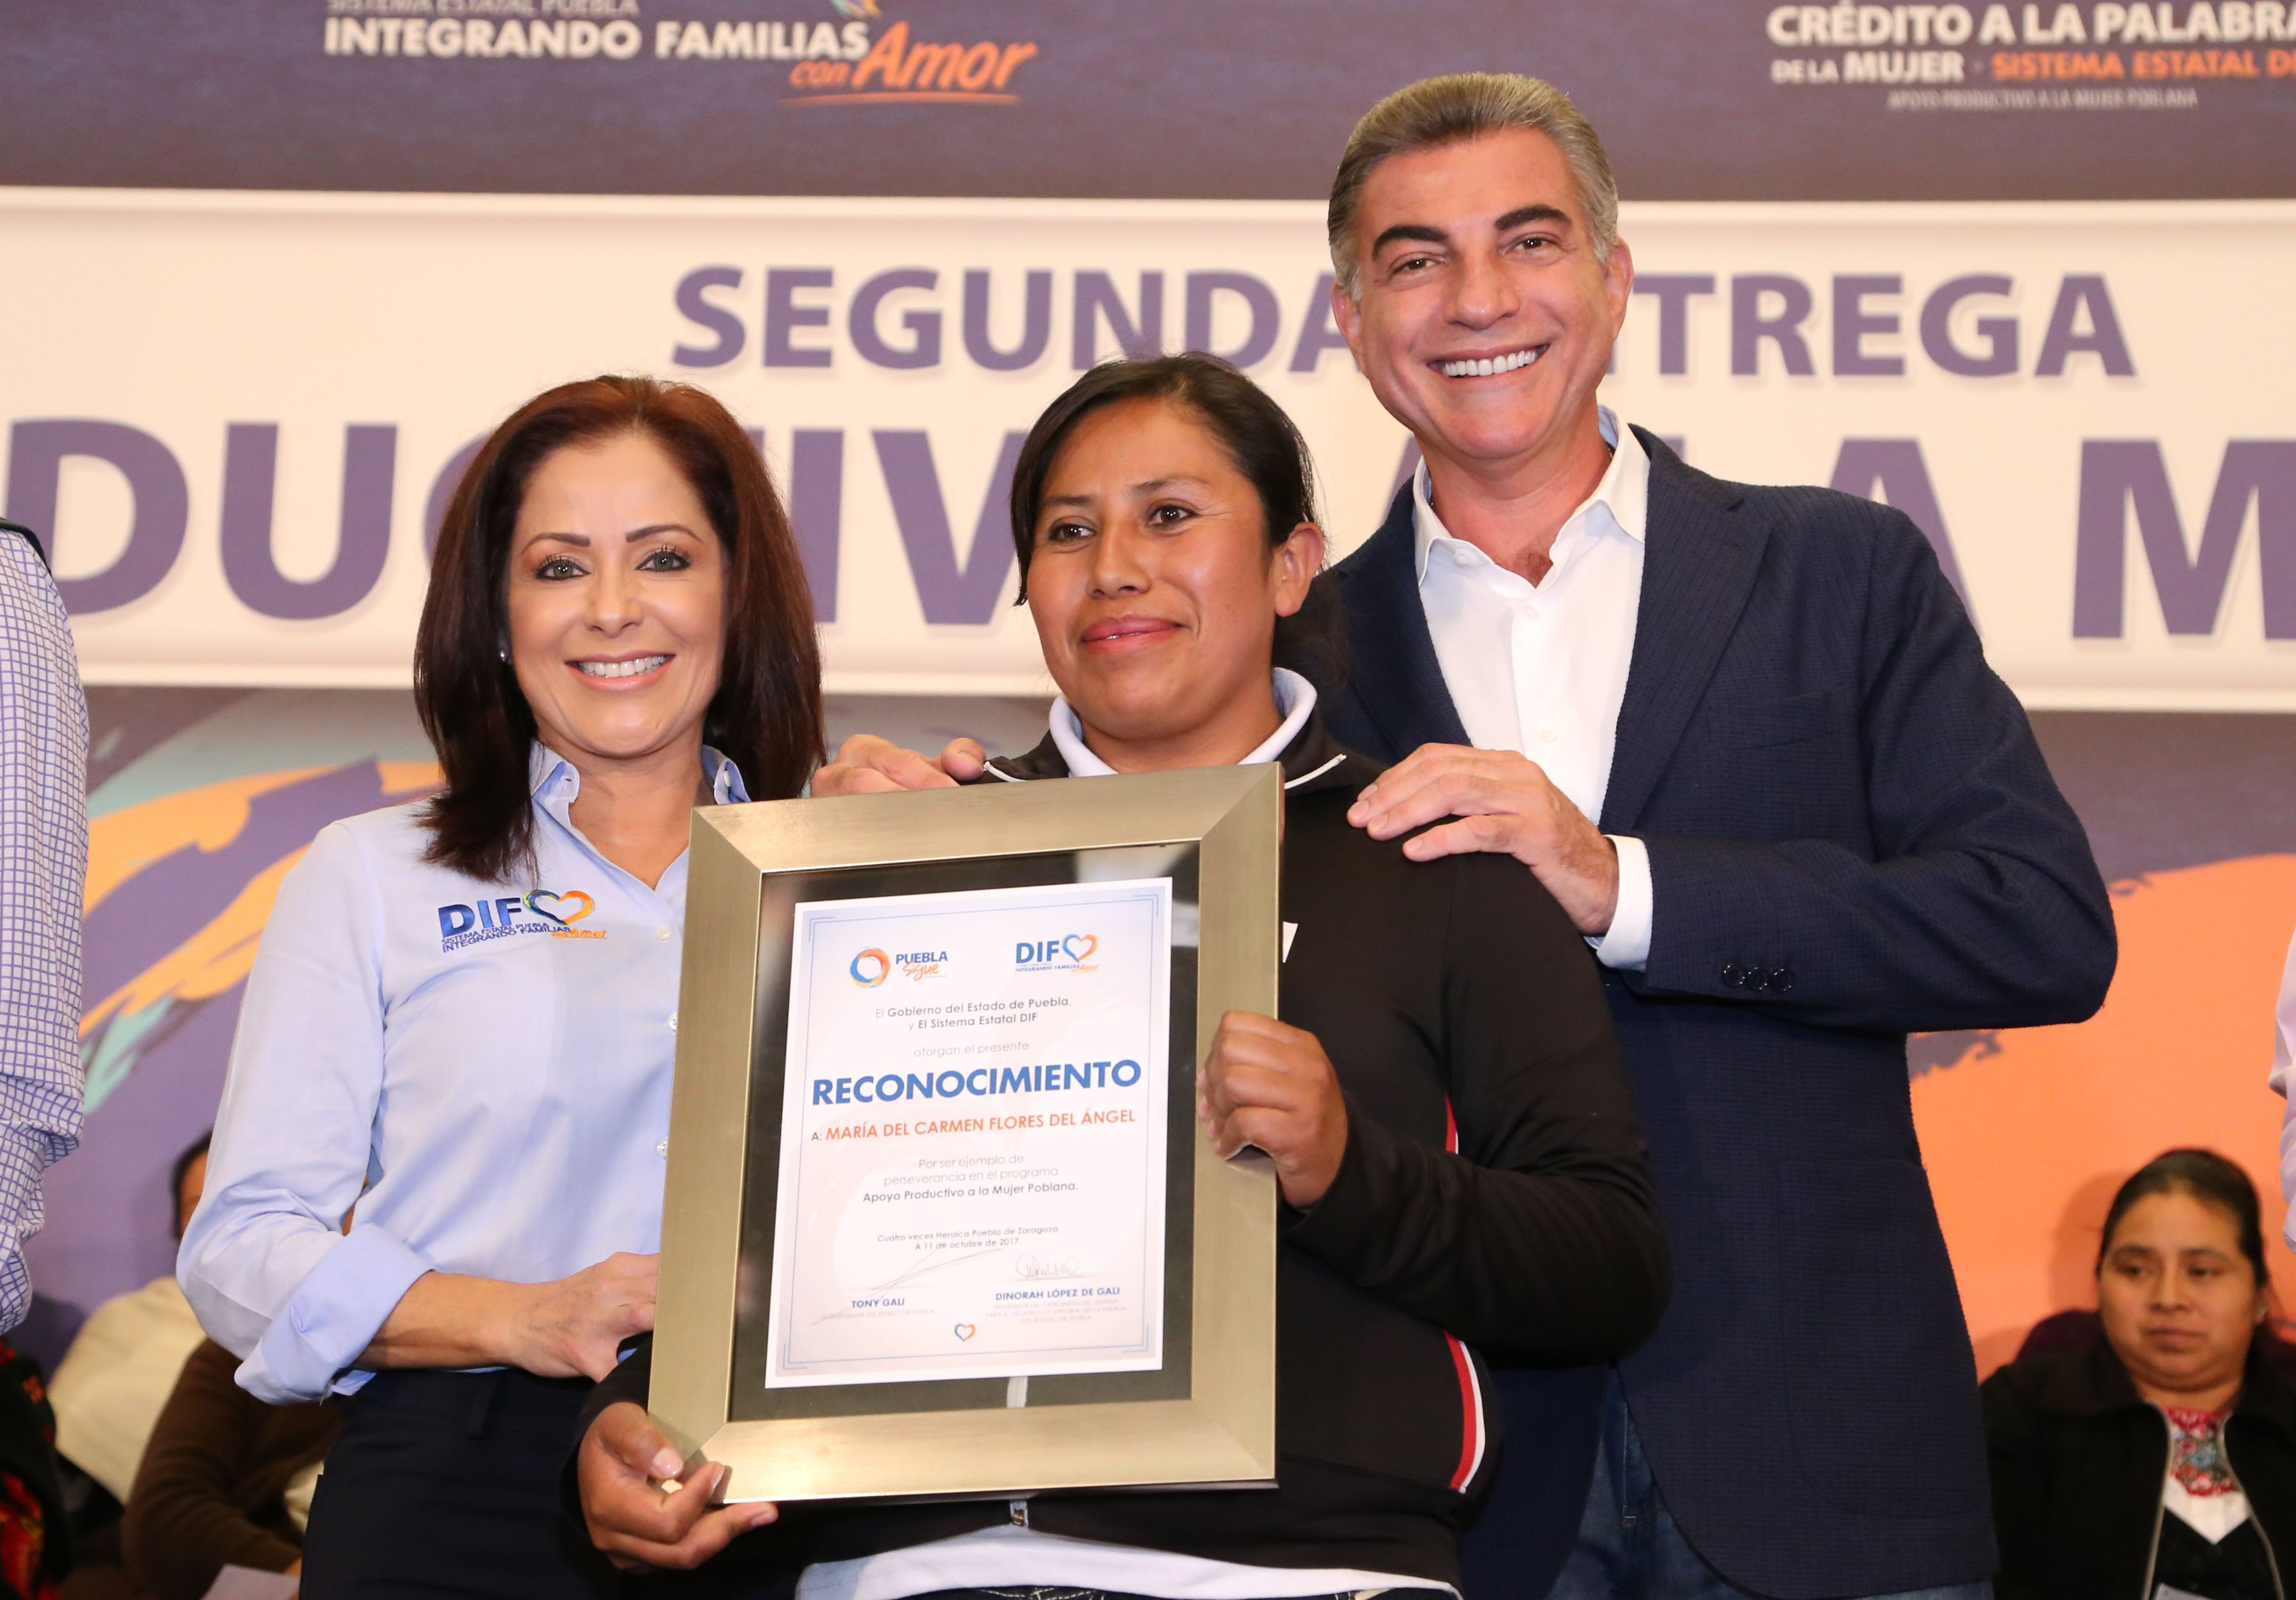 Gali y Dinorah López entregan cheques de Crédito a la Palabra de la Mujer